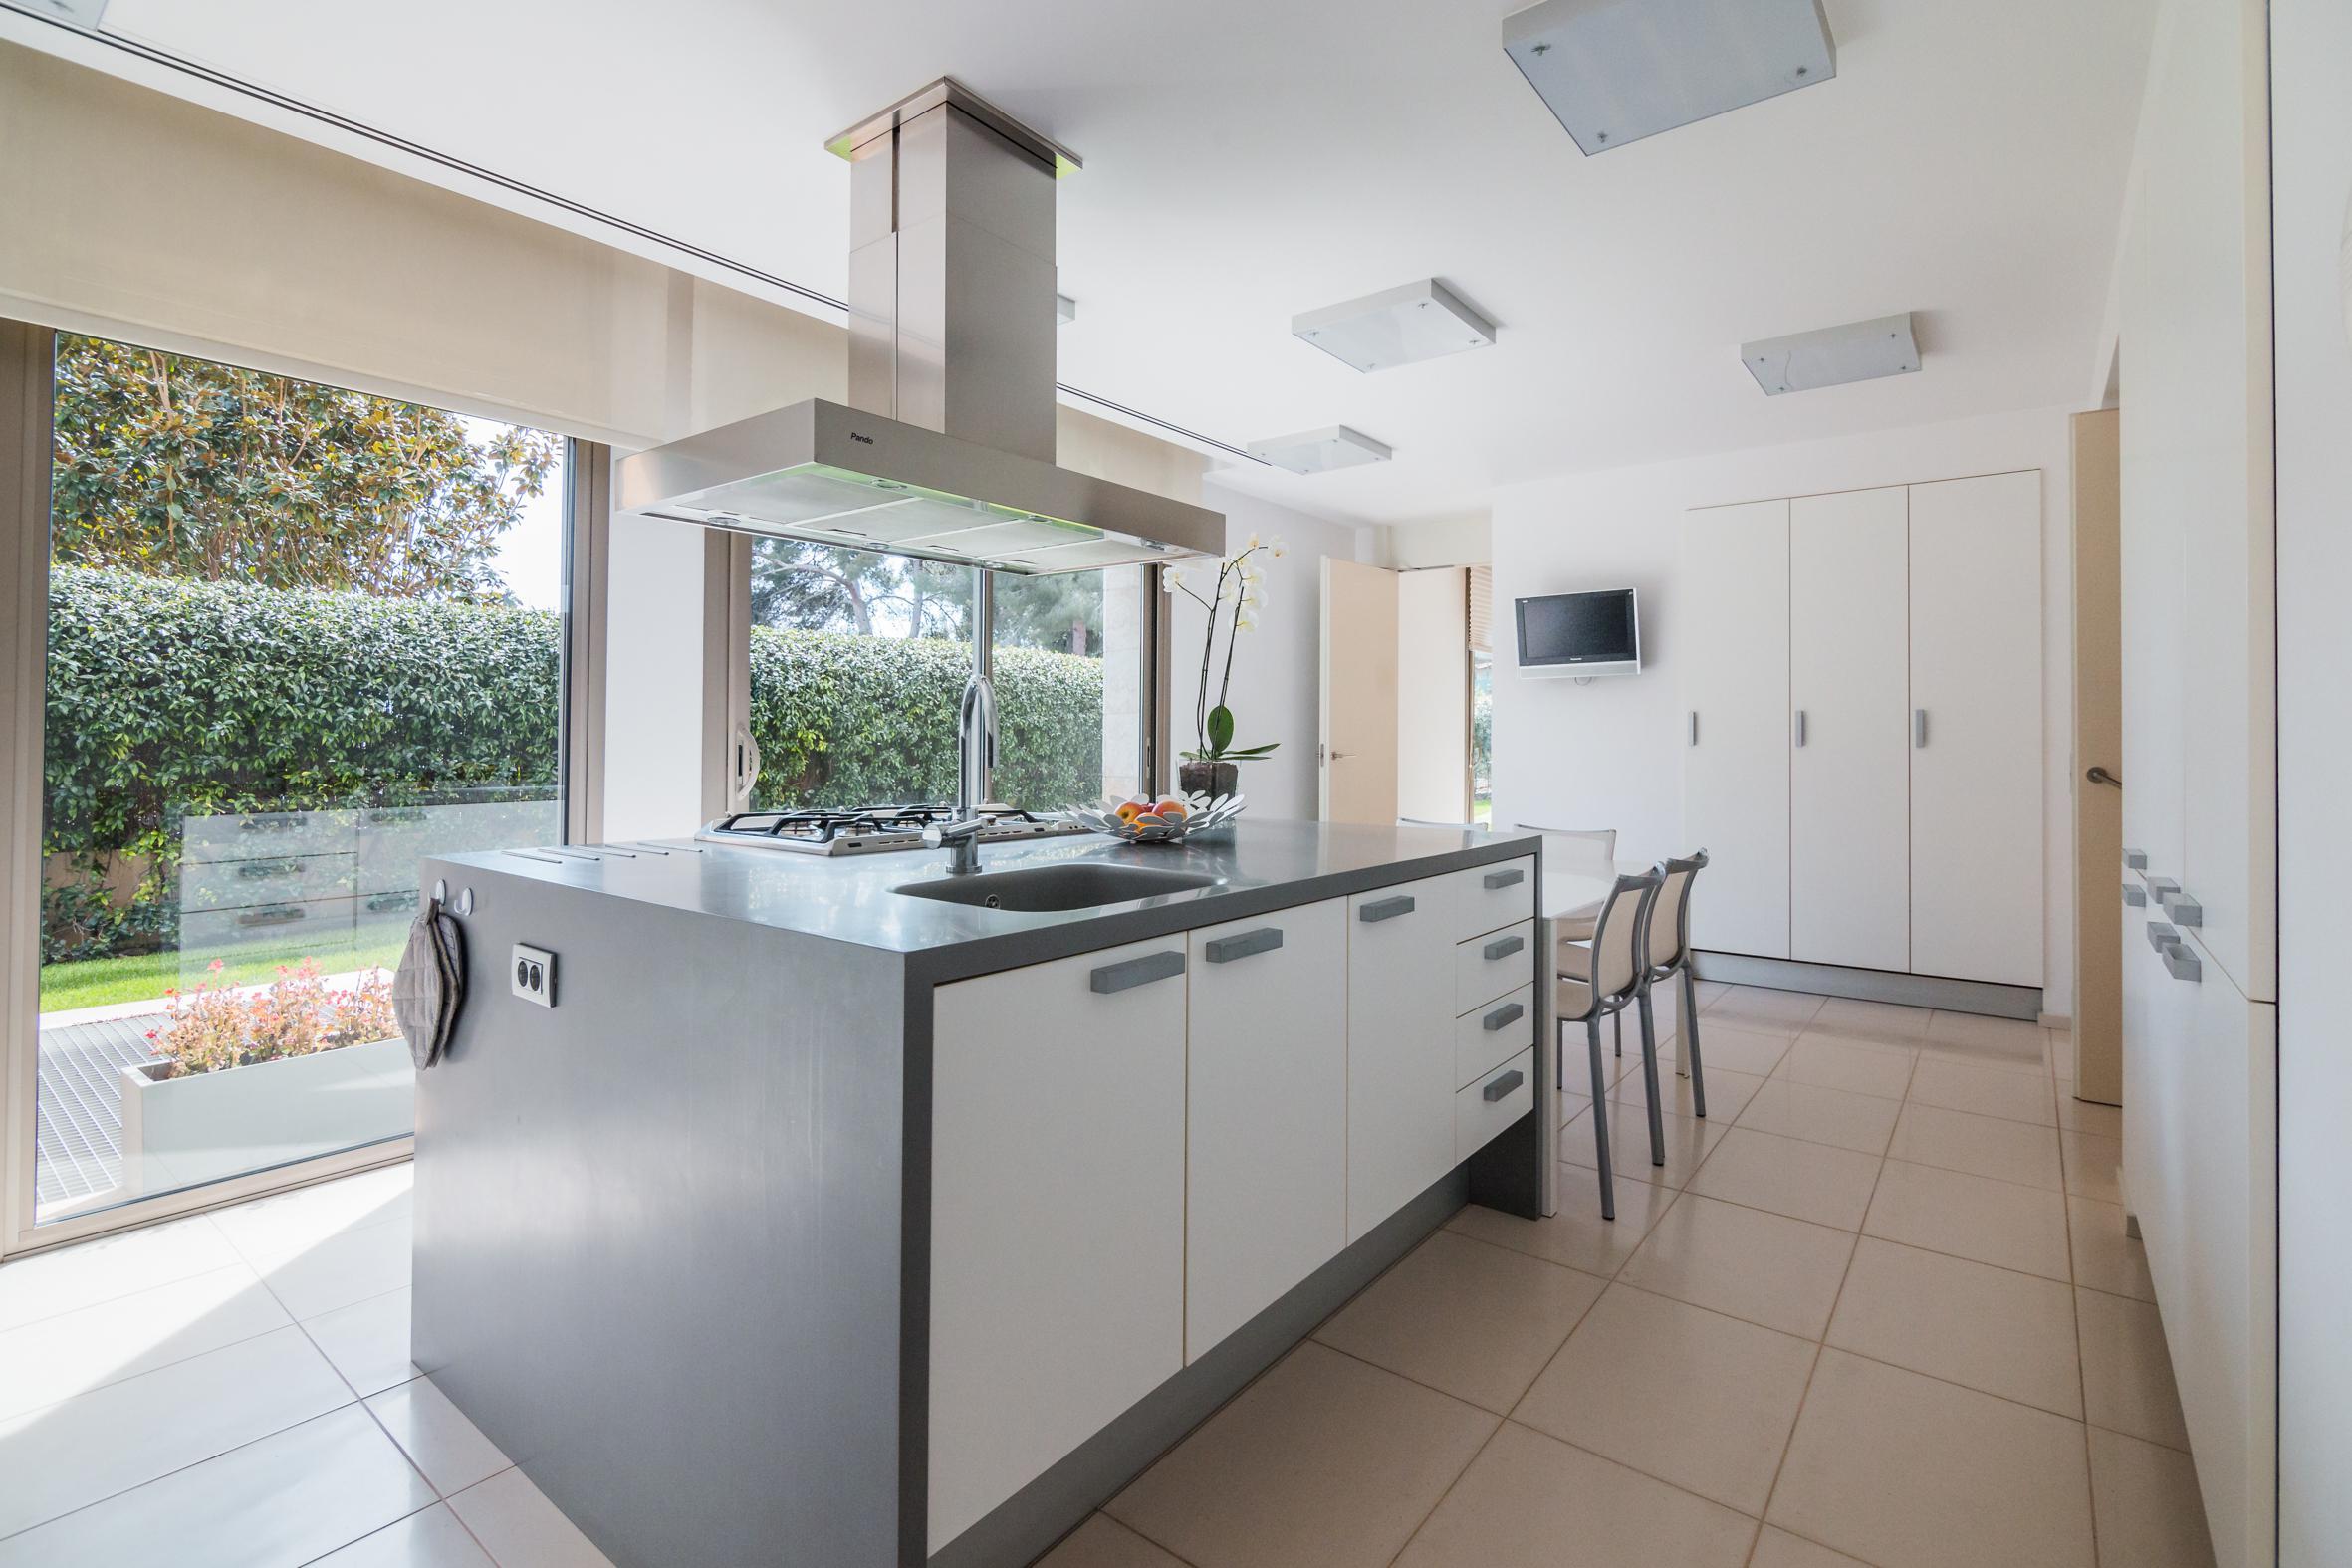 204447 Casa en venda en Les Corts, Pedralbes 8